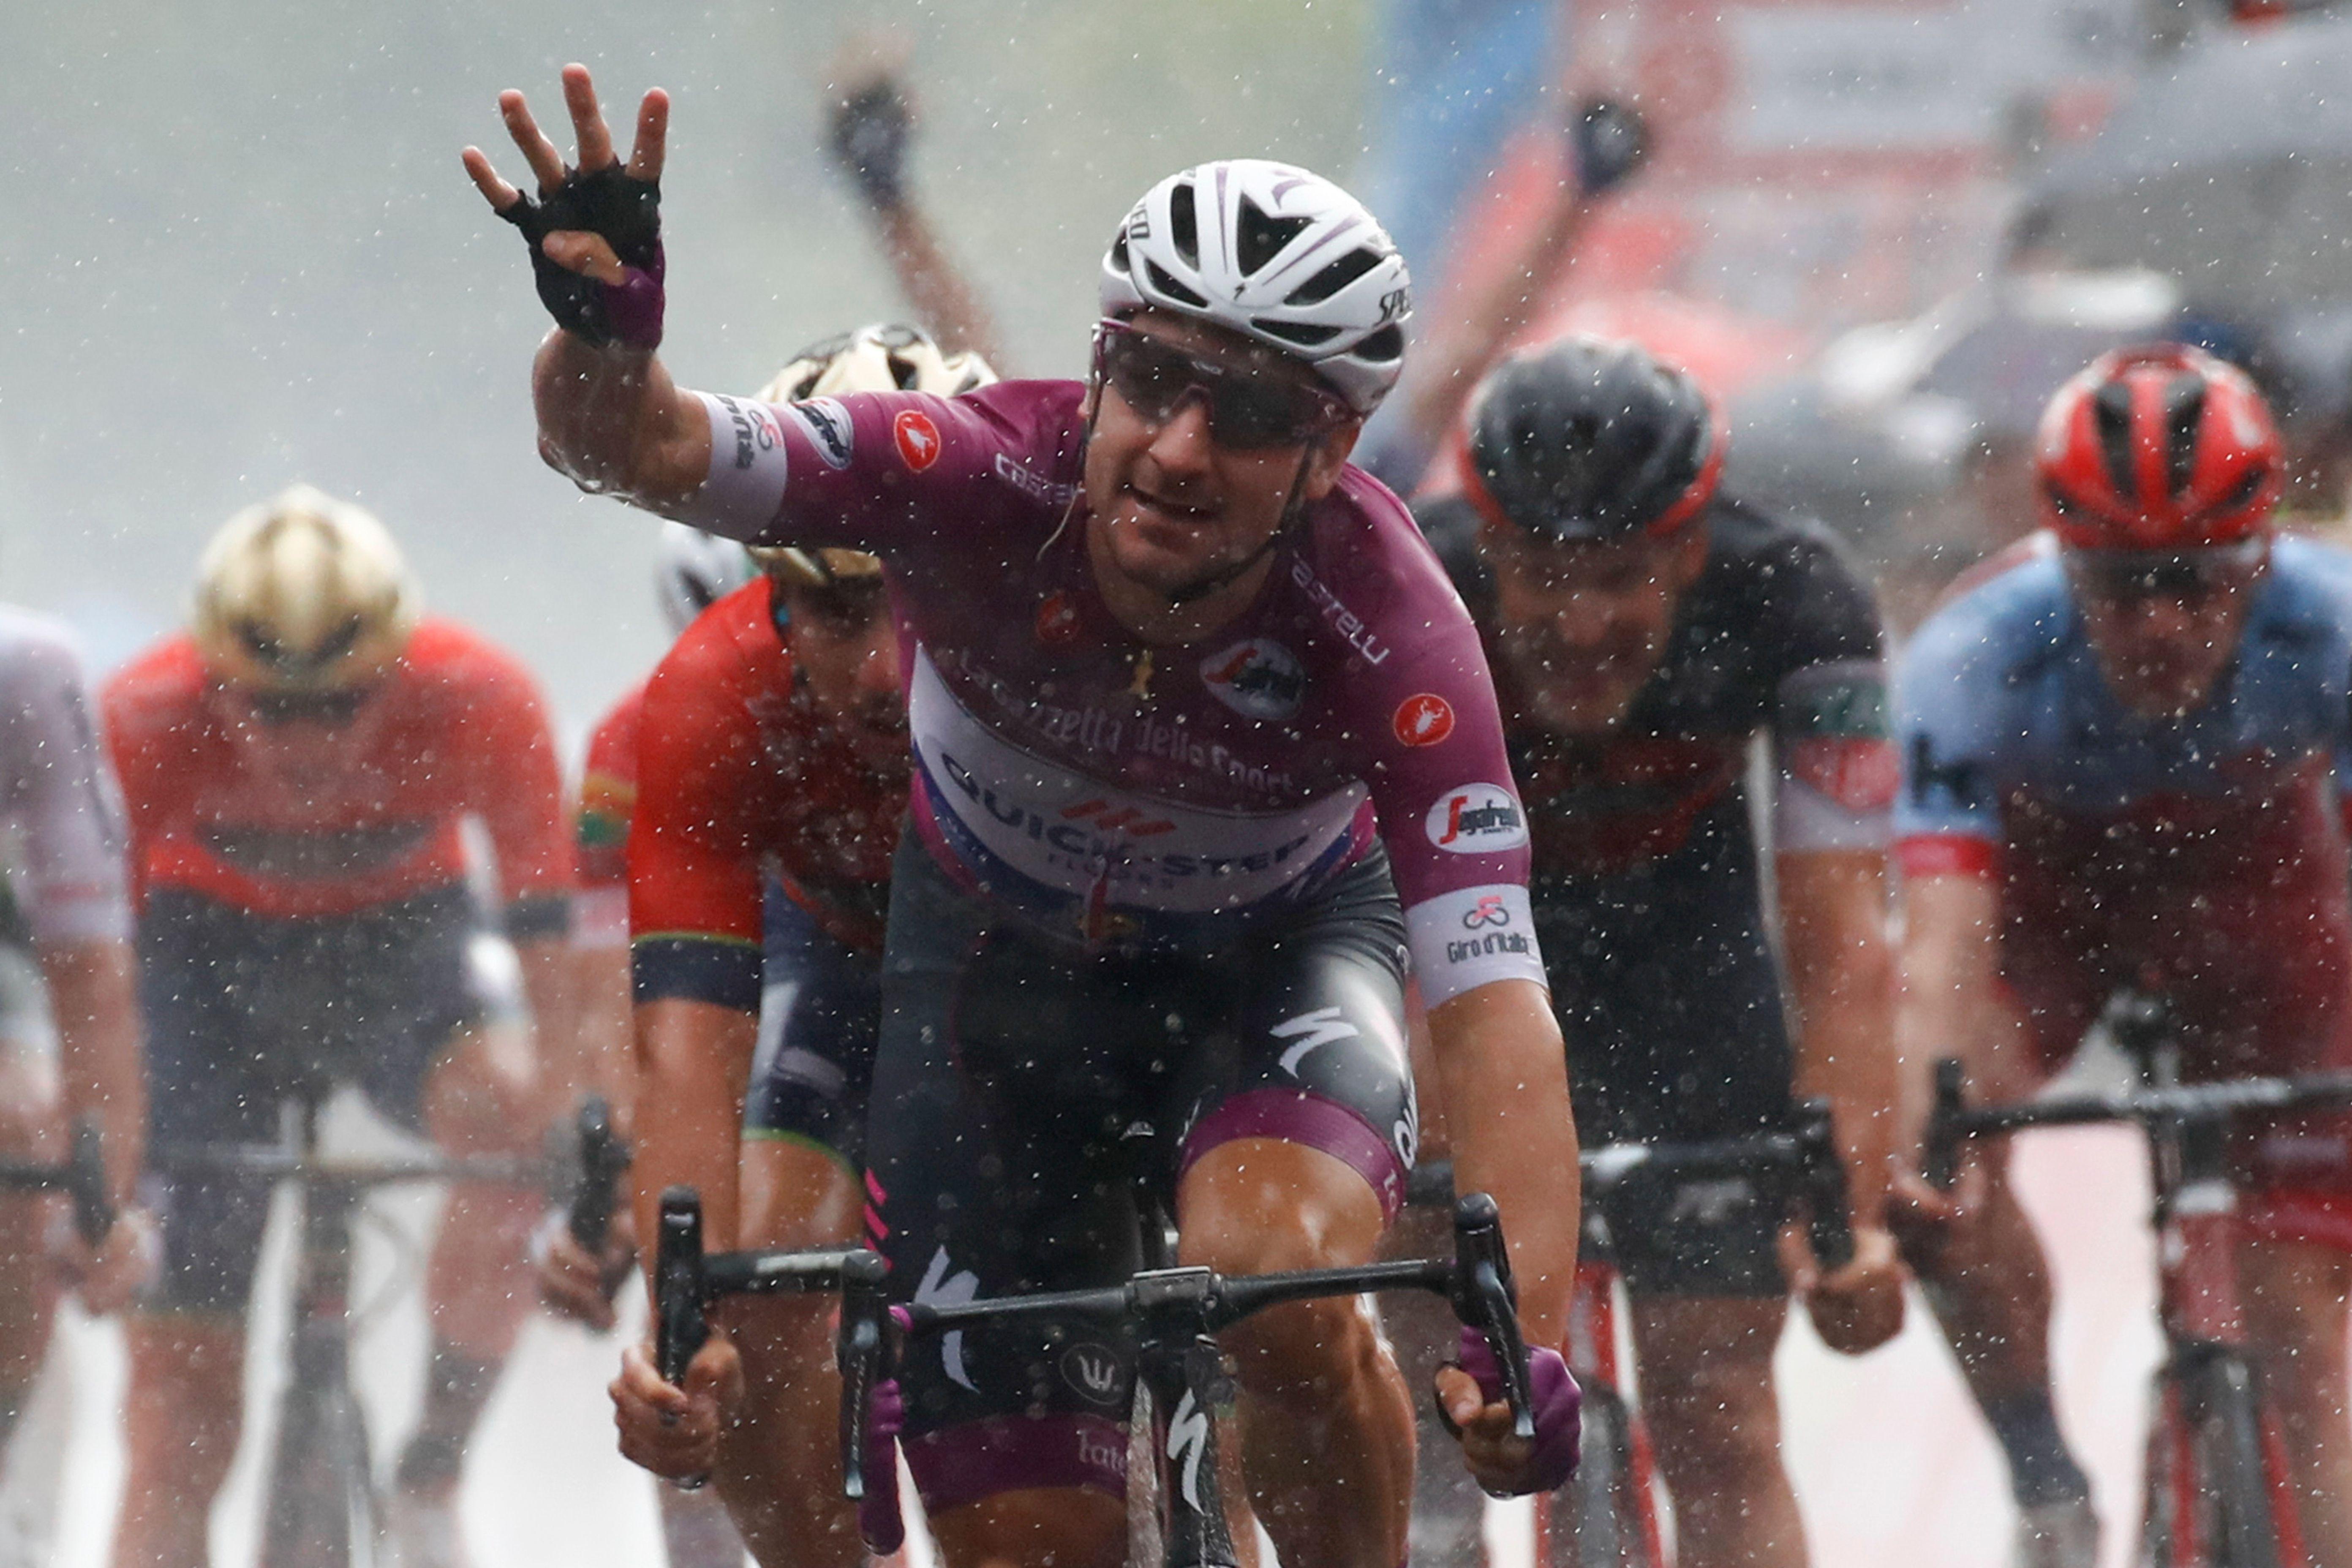 Cyclisme - Giro - Giro : Viviani à la fête avant les Alpes